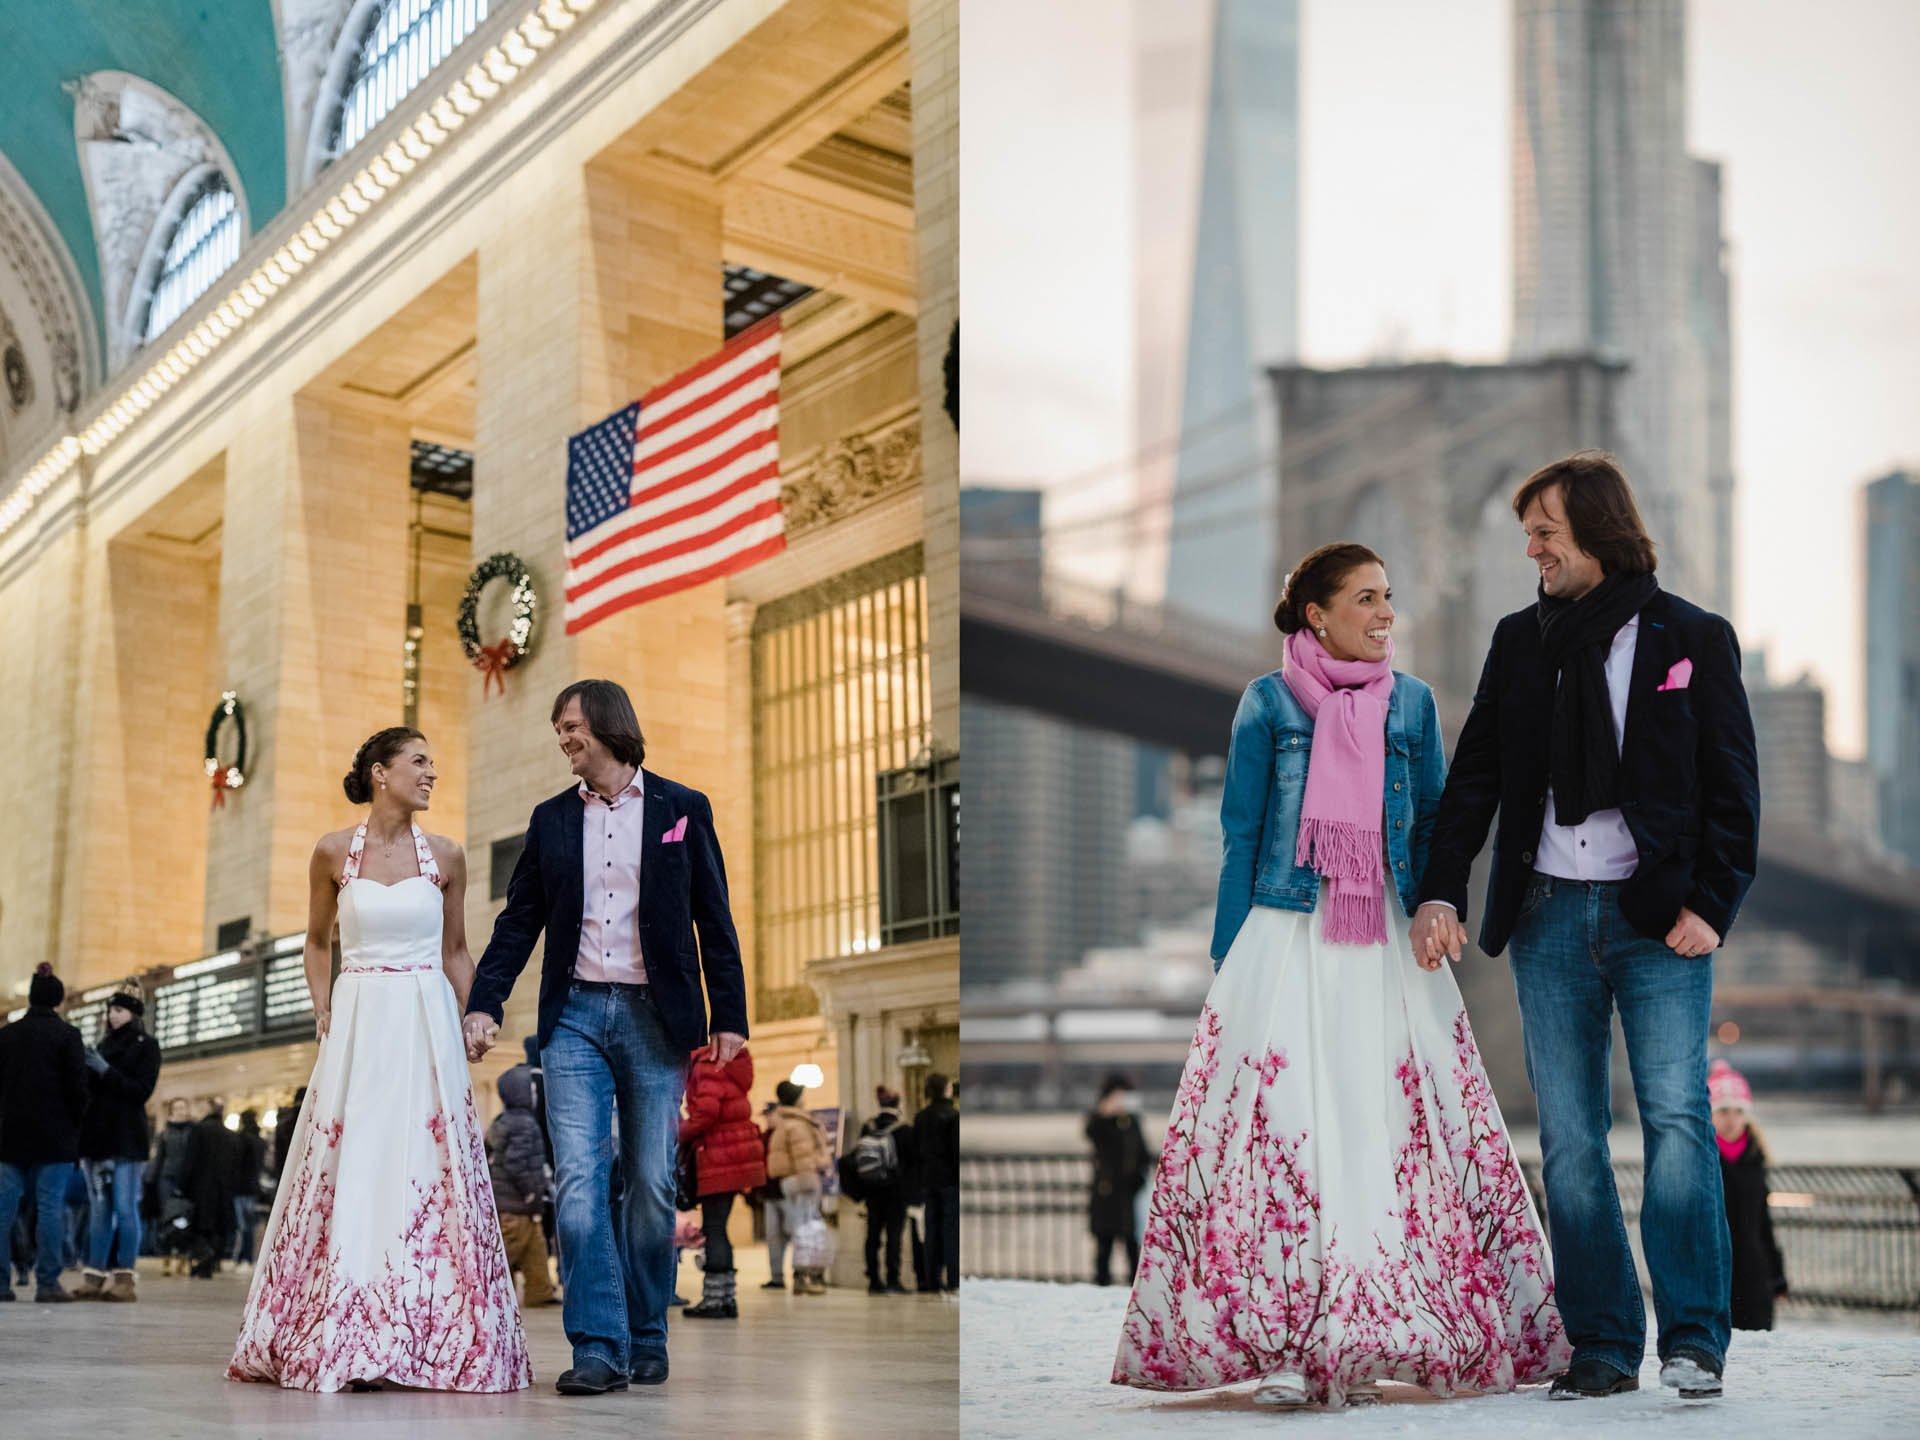 Hochzeit in New York, Brautpaar Hand in Hand und Braut in Brautkleid mit Kirschblüten